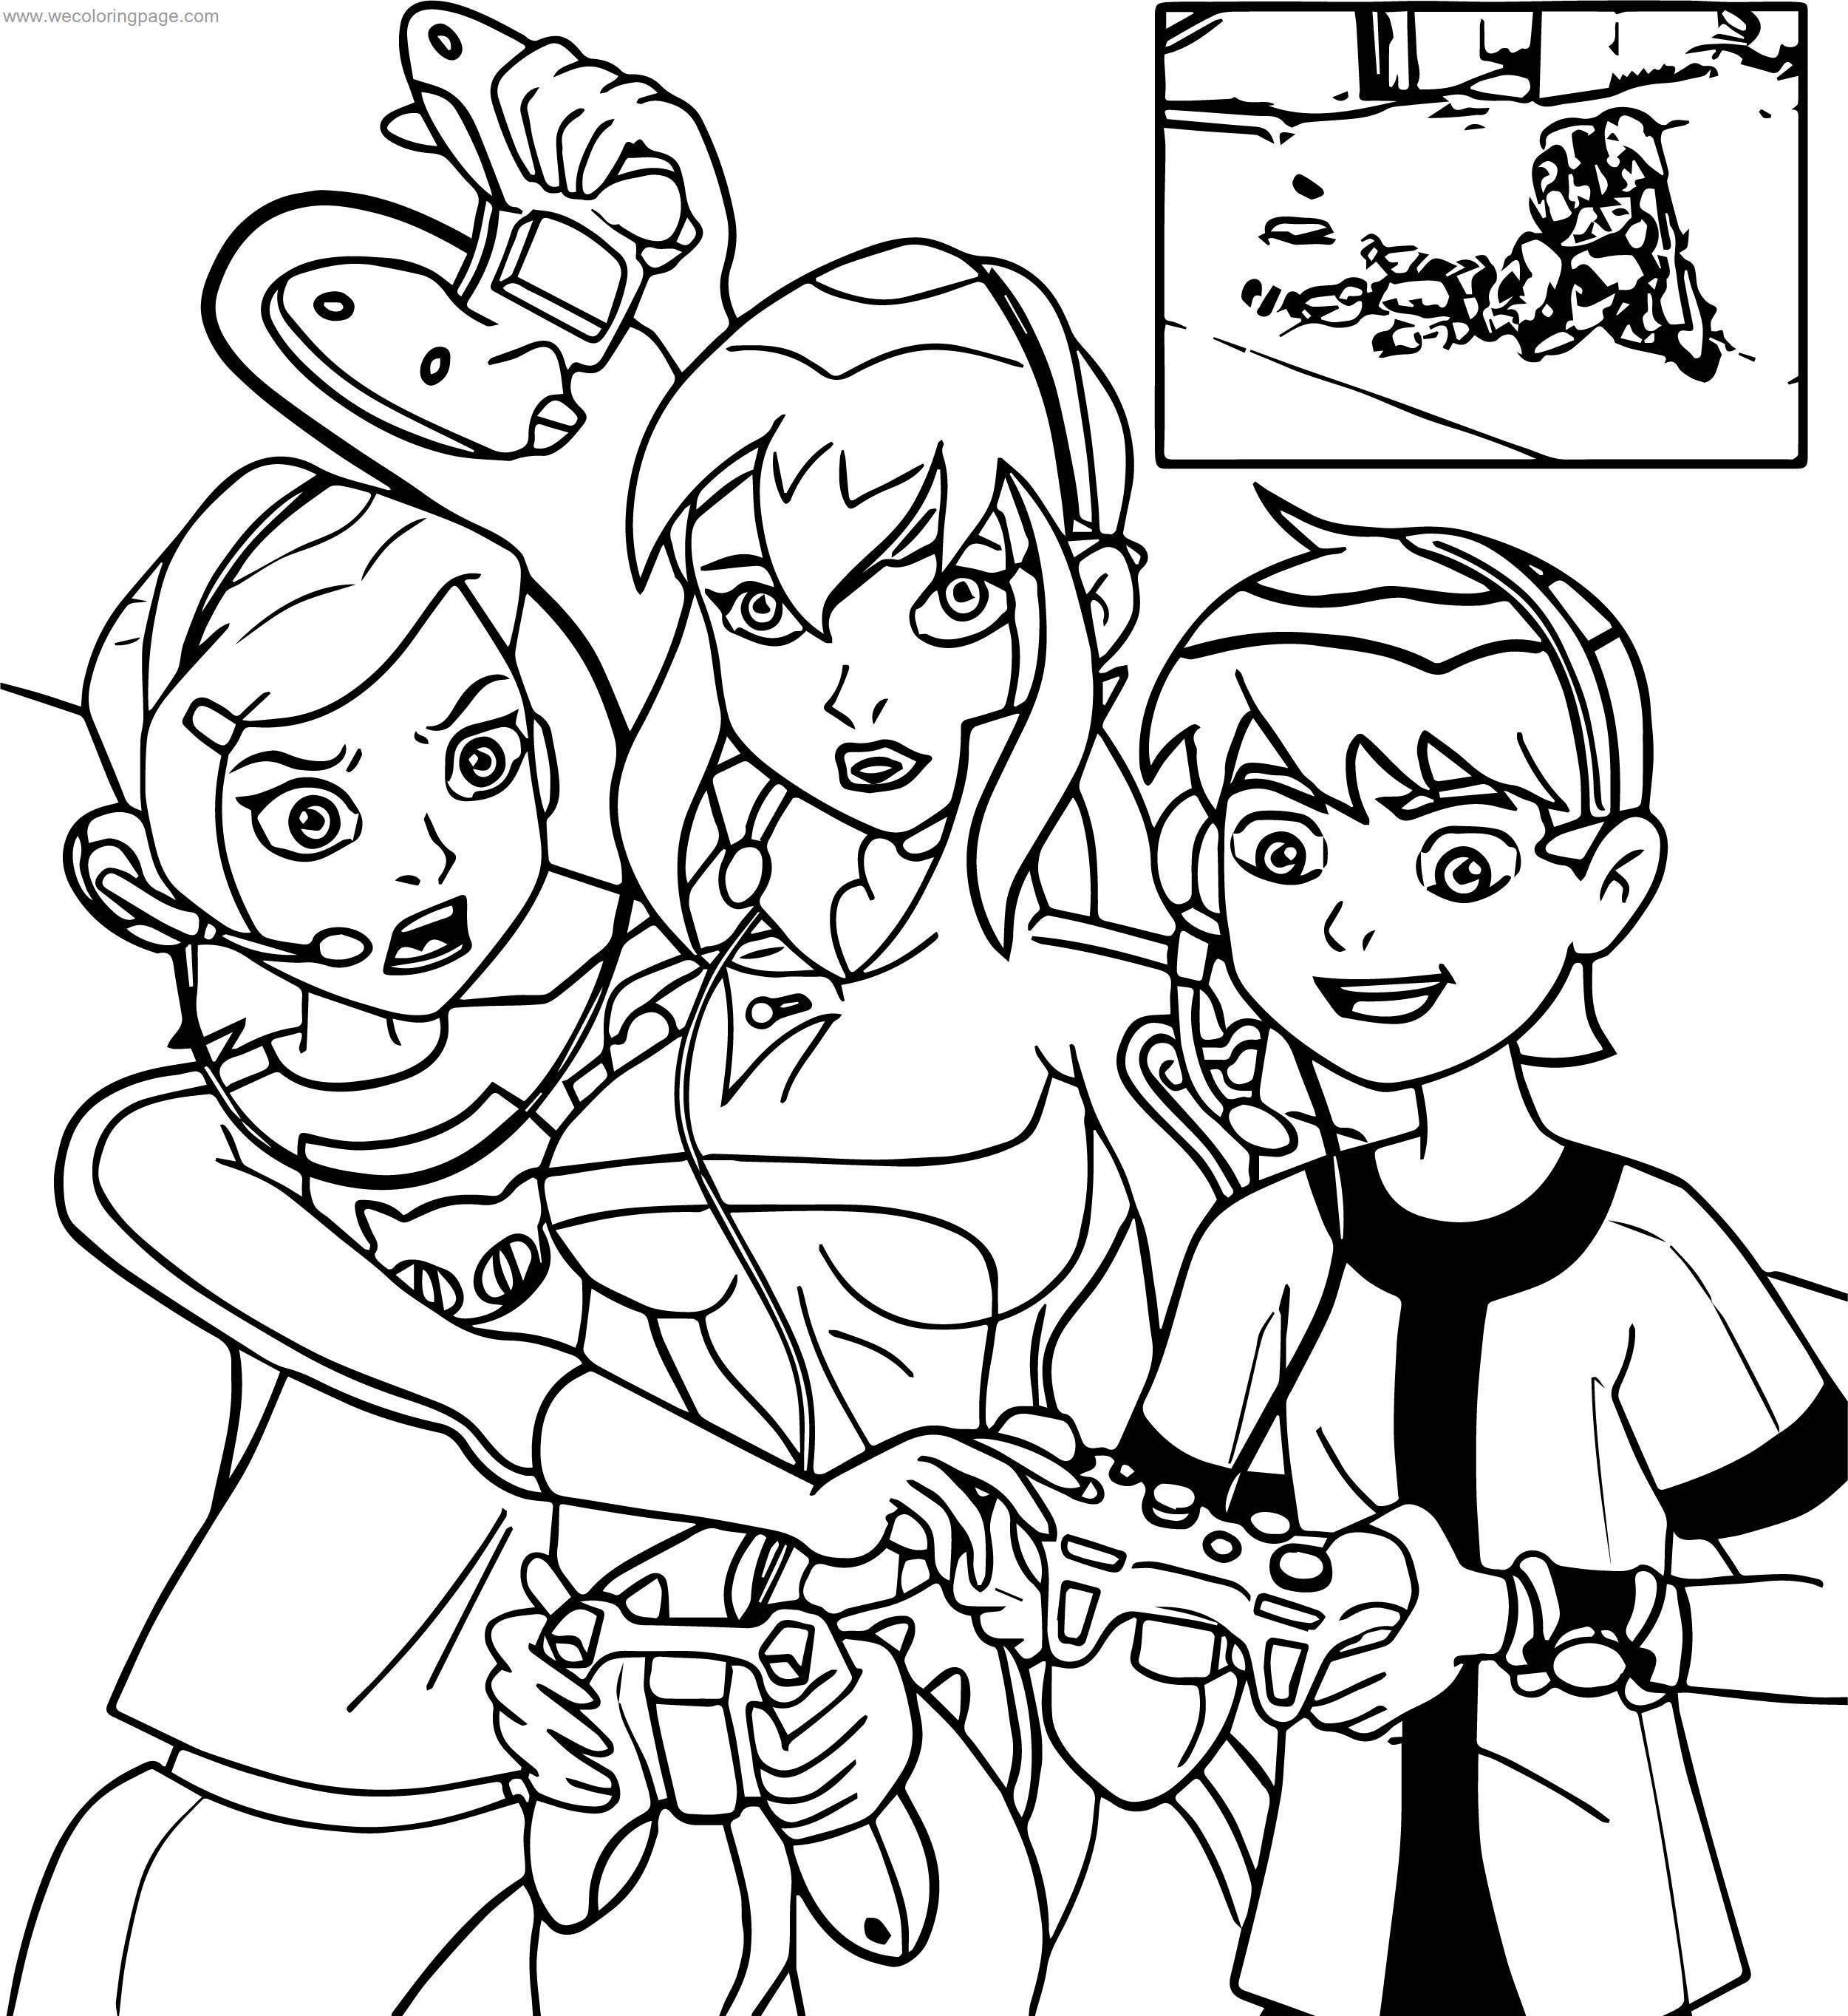 Benten Gwen Game Time Coloring Page